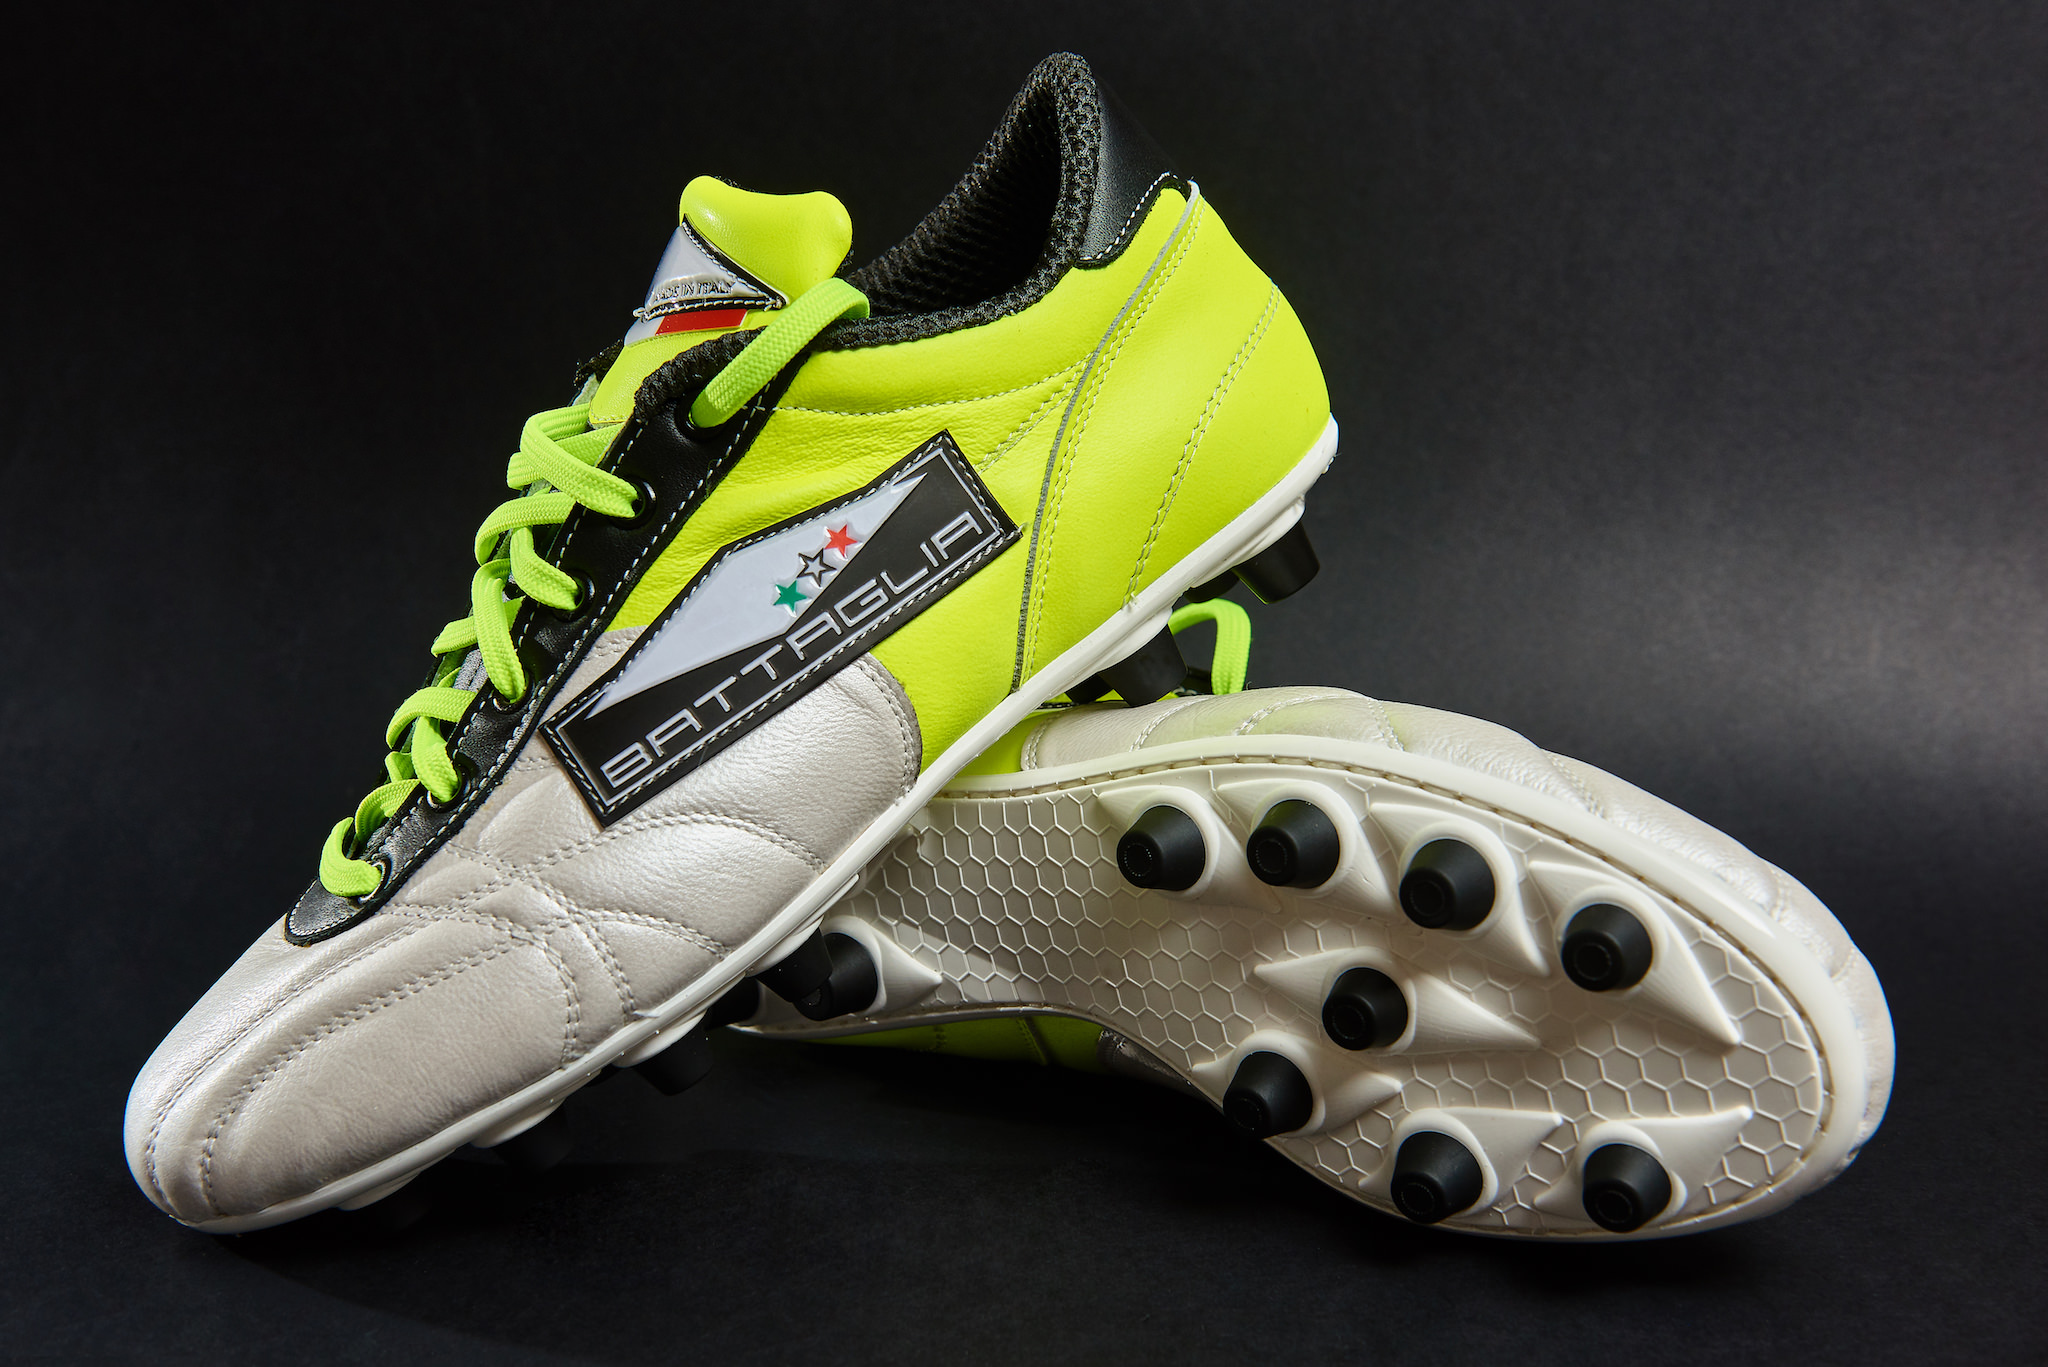 reputazione affidabile prodotti di qualità negozio online Scarpe Battaglia - Only handmade shoes